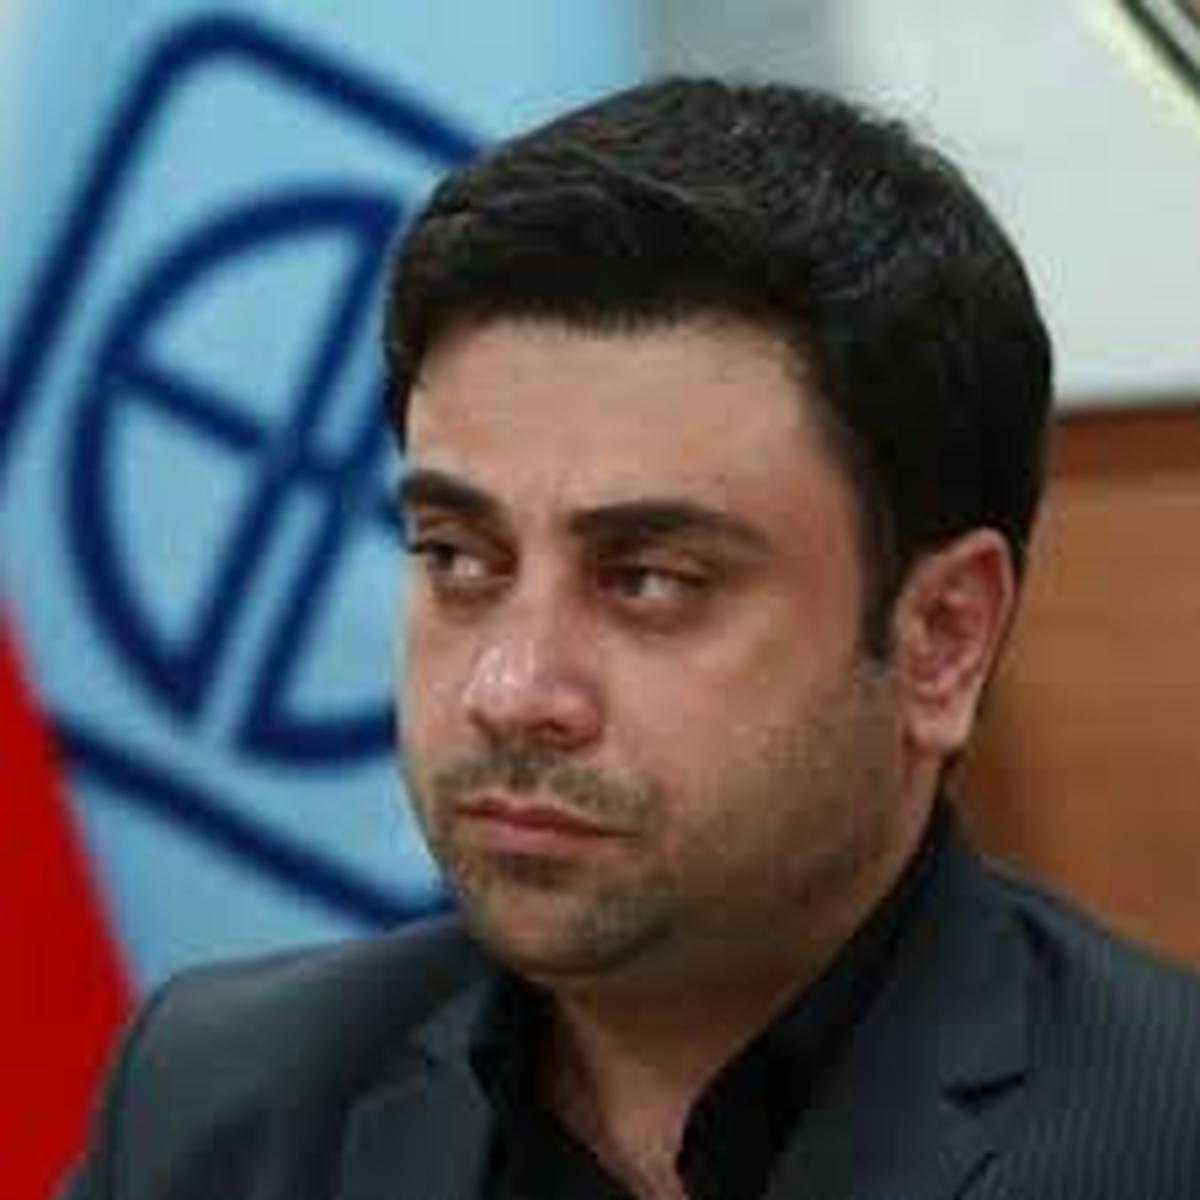 کرونا |  ابتلای نفر دوم به کرونای انگلیسی در ایران تکذیب شد